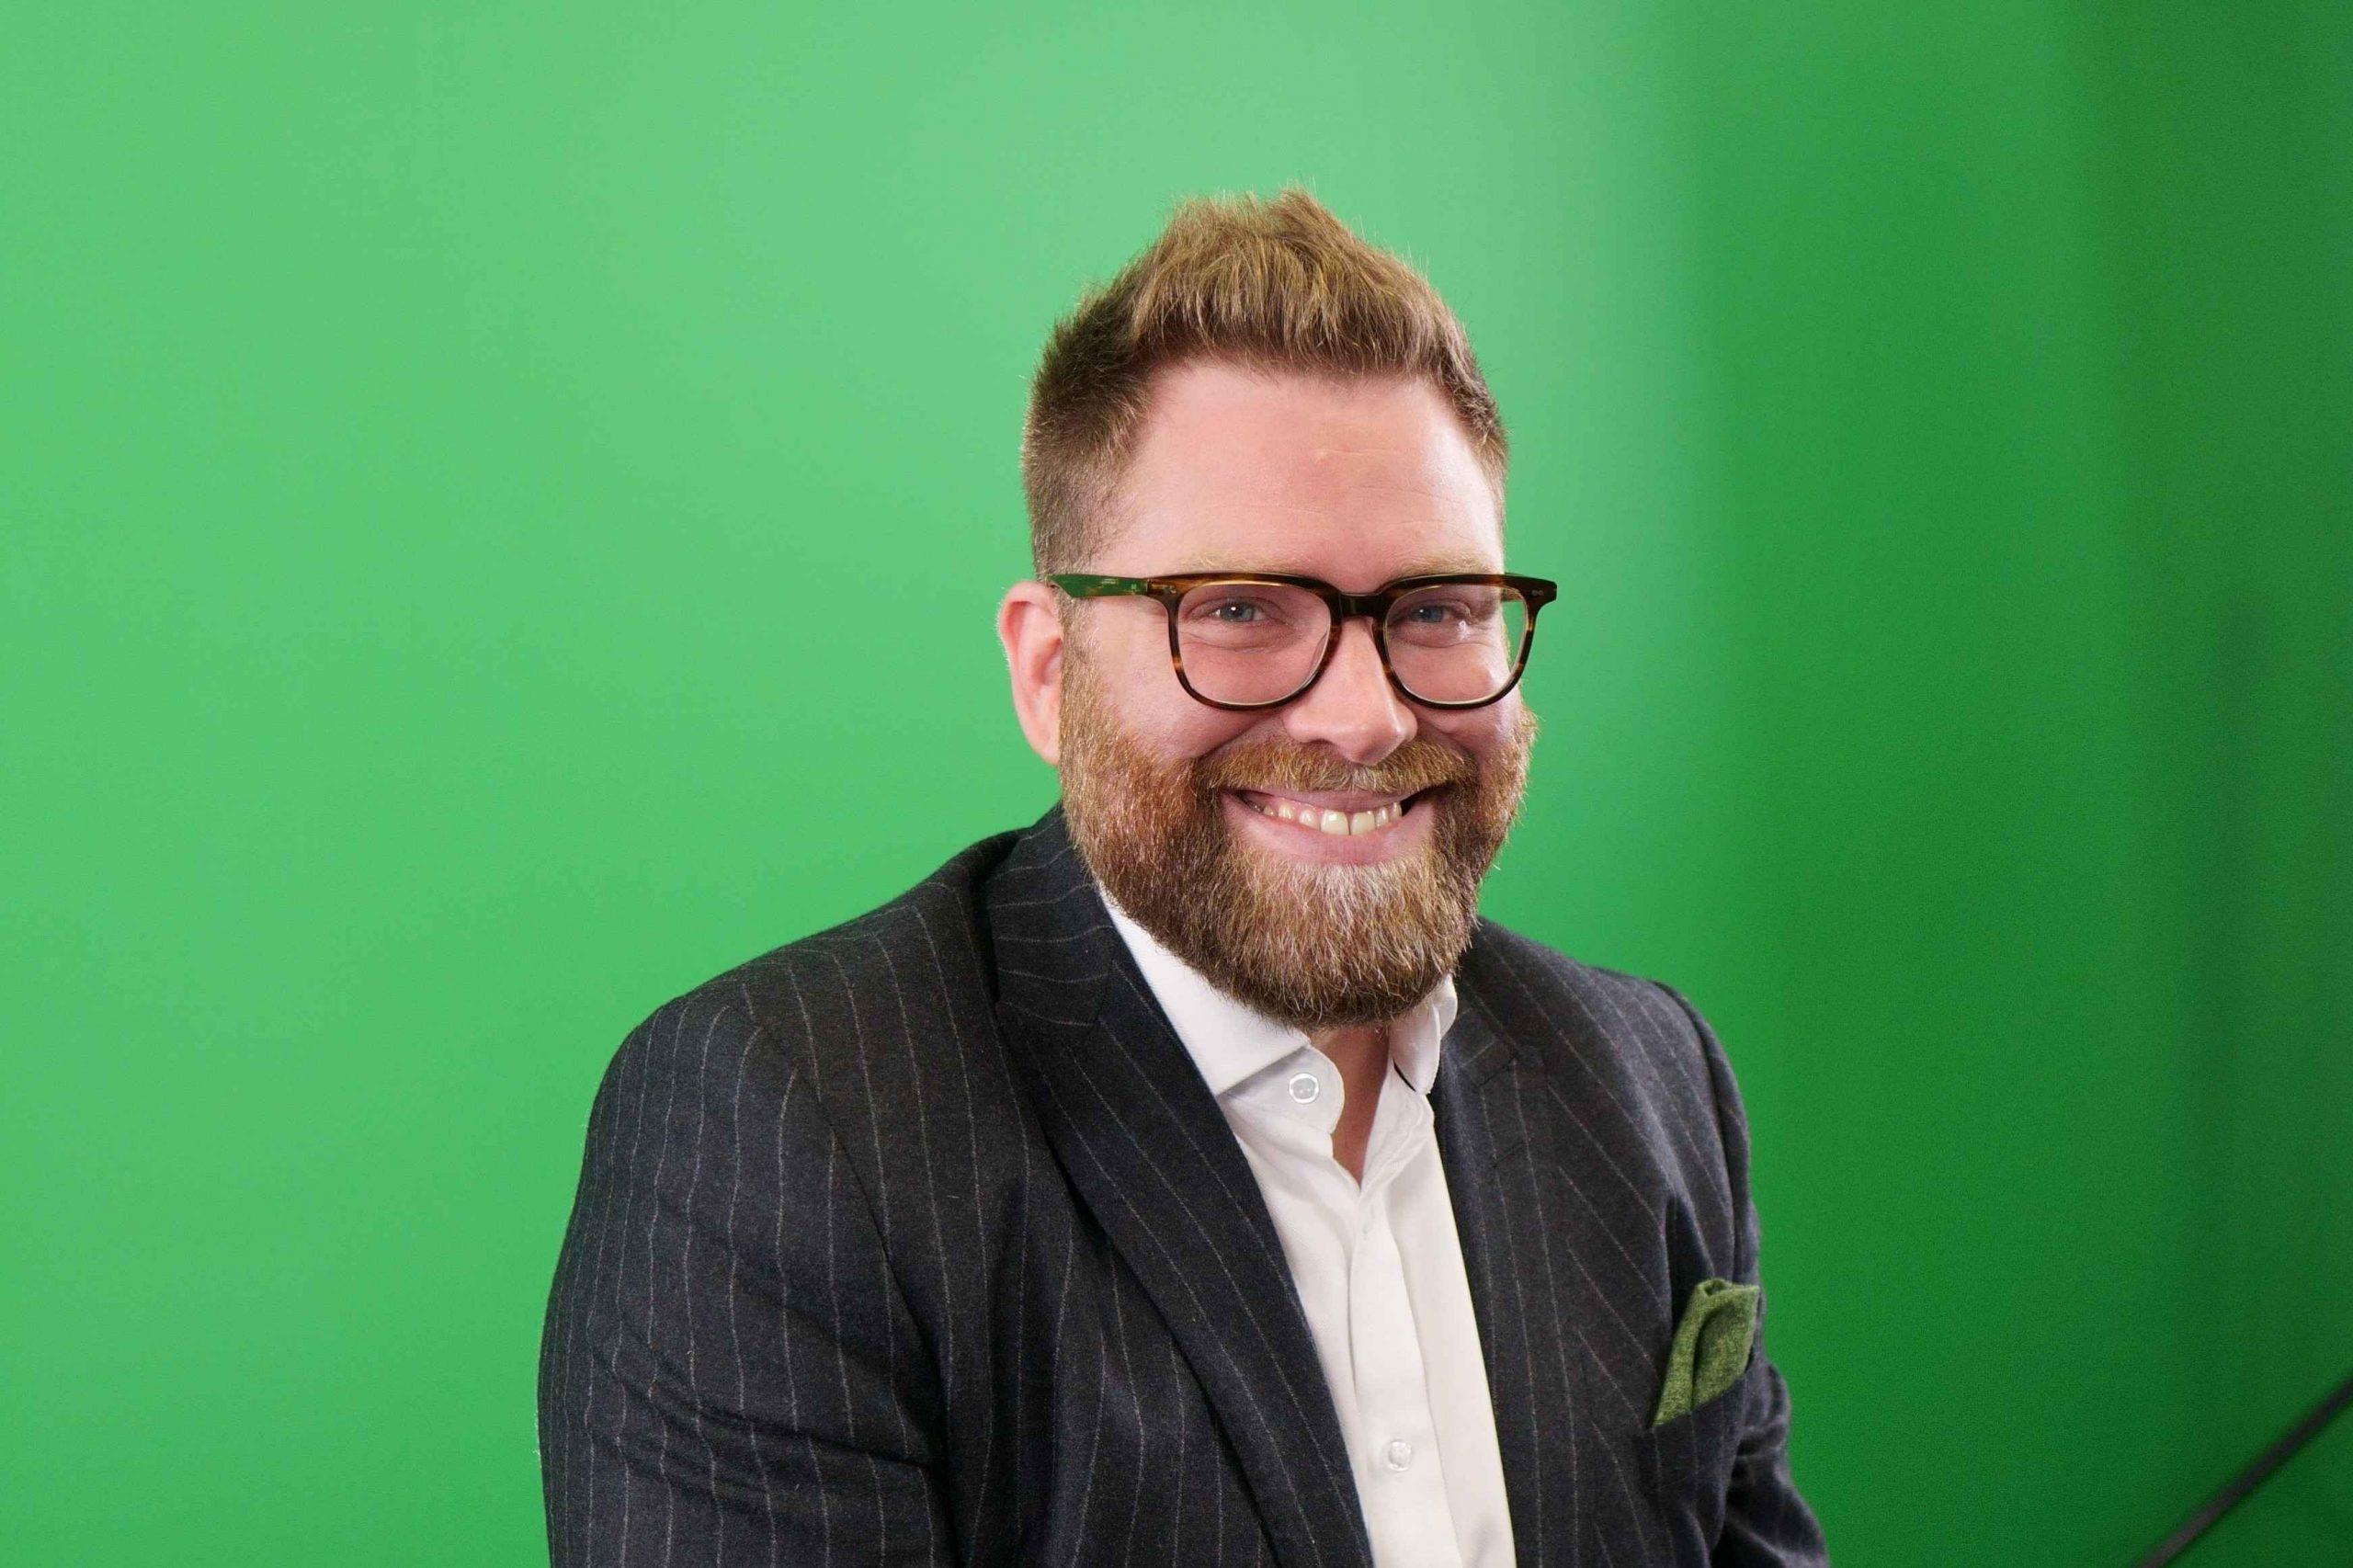 Stewart Moss, Group Director of Sales & Marketing, Cedar Court Hotels